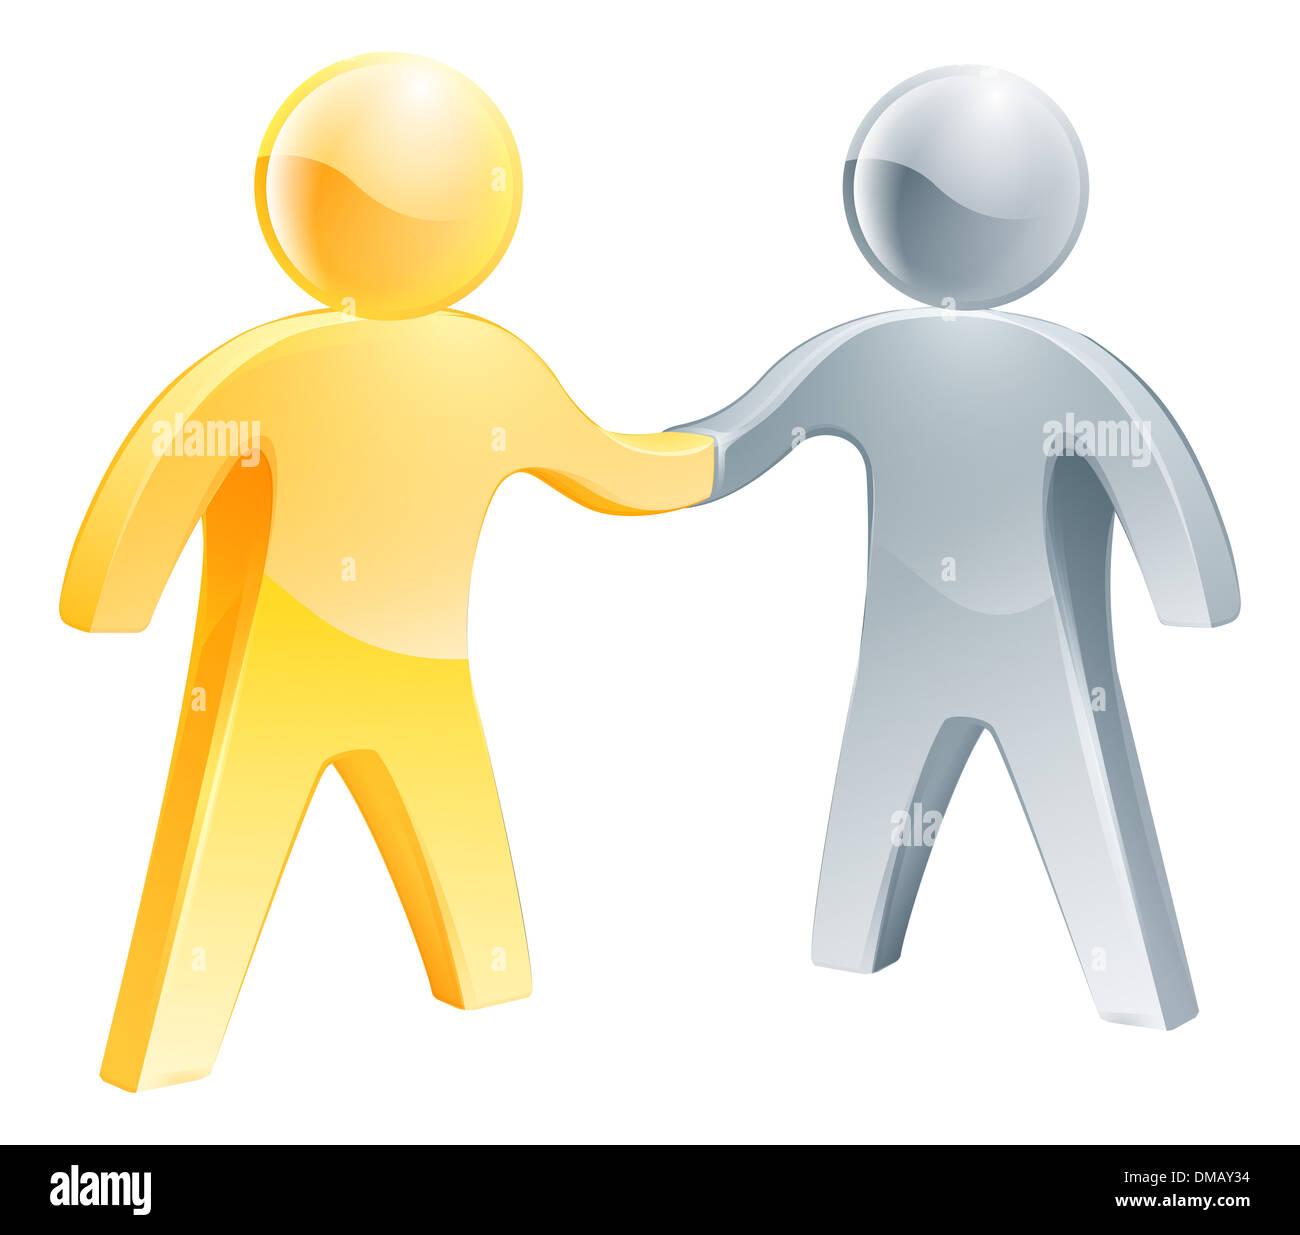 Figure Di Persone Stilizzate.Stretta Di Mano Argento E Oro Persone Il Concetto Di Business Delle